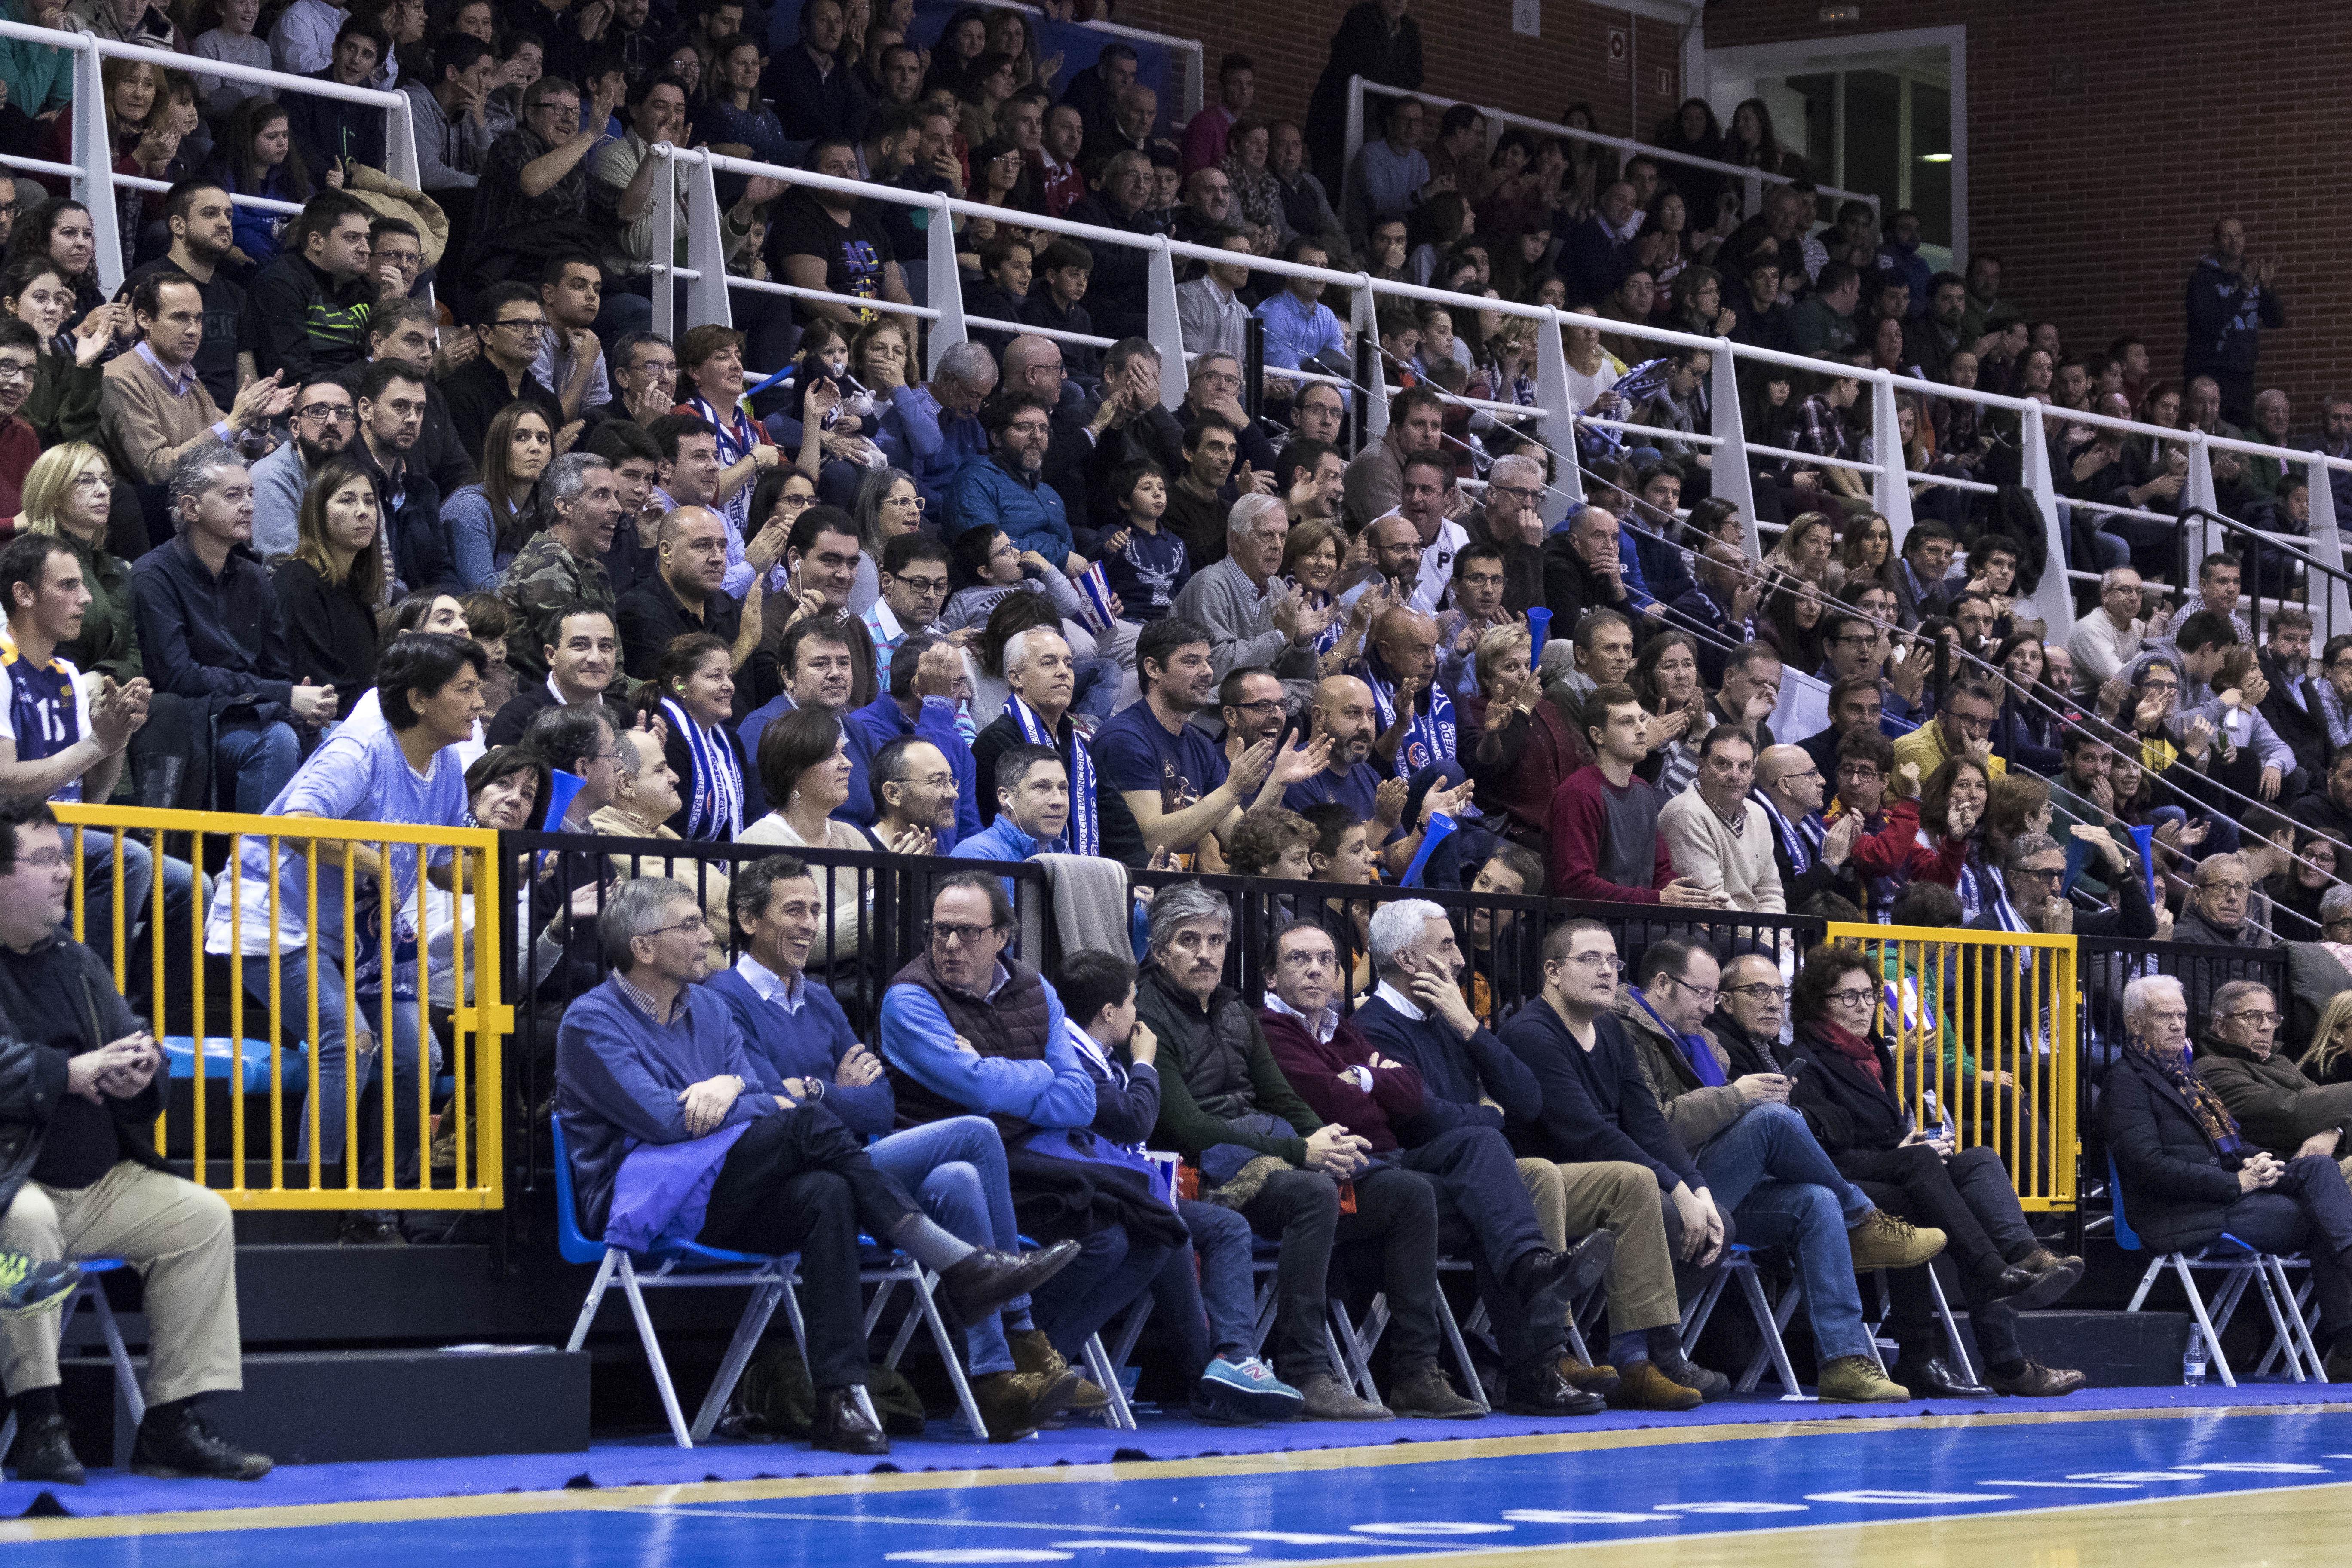 El público de Pumarín aplaudiendo al equipo (Foto: Christian García)